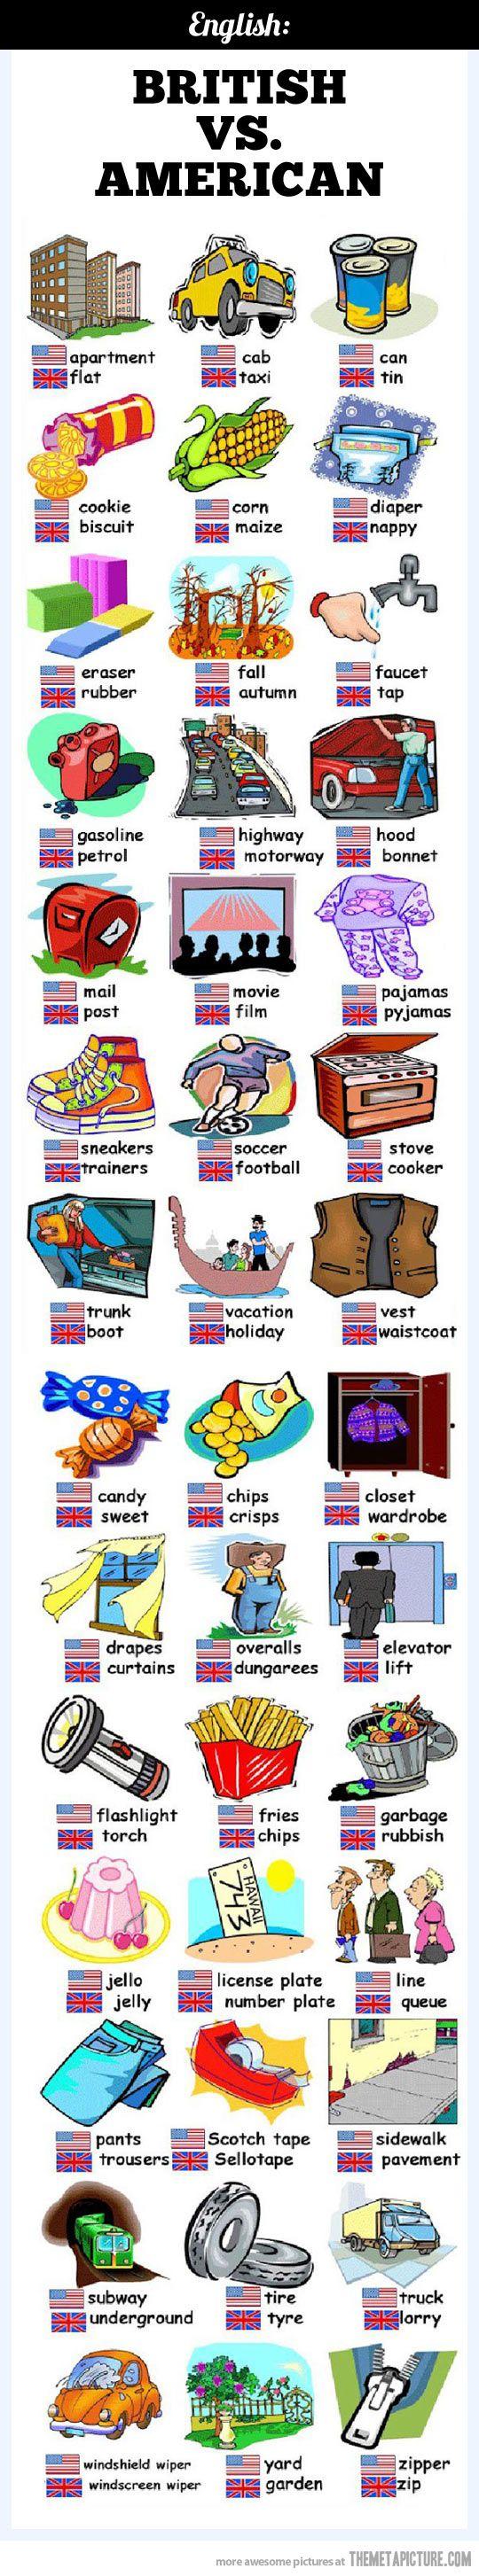 British vs. American English  #learnenglish #esol  http://www.uniquelanguages.com